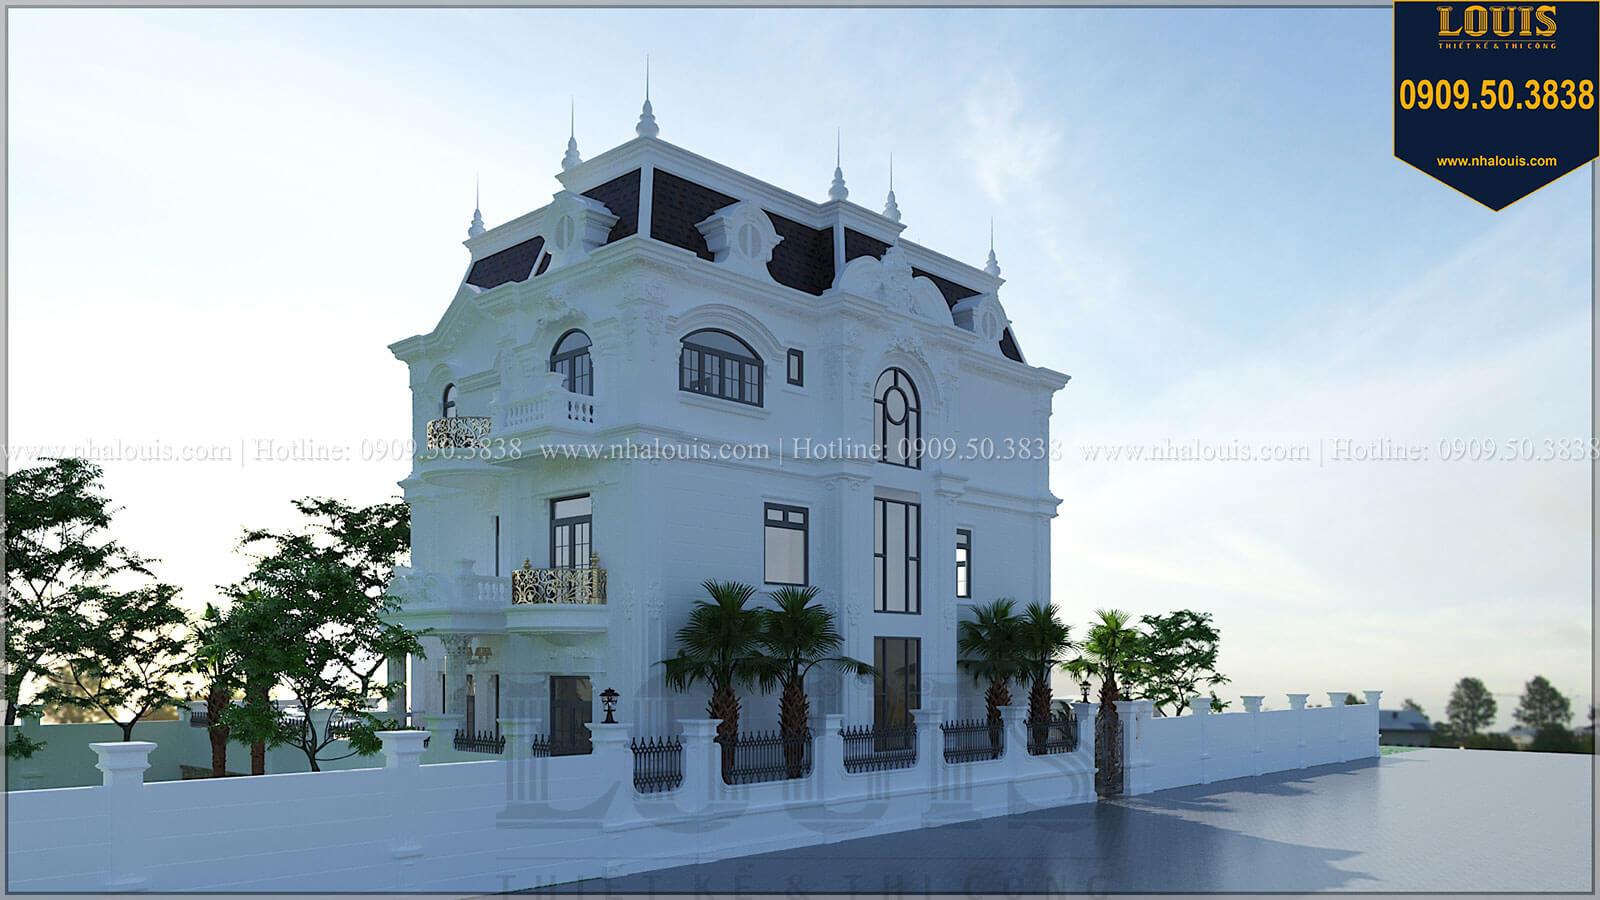 Mặt tiền Biệt thự đẹp 3 tầng phong cách cổ điển bề thế tại Quảng Ngãi - 05